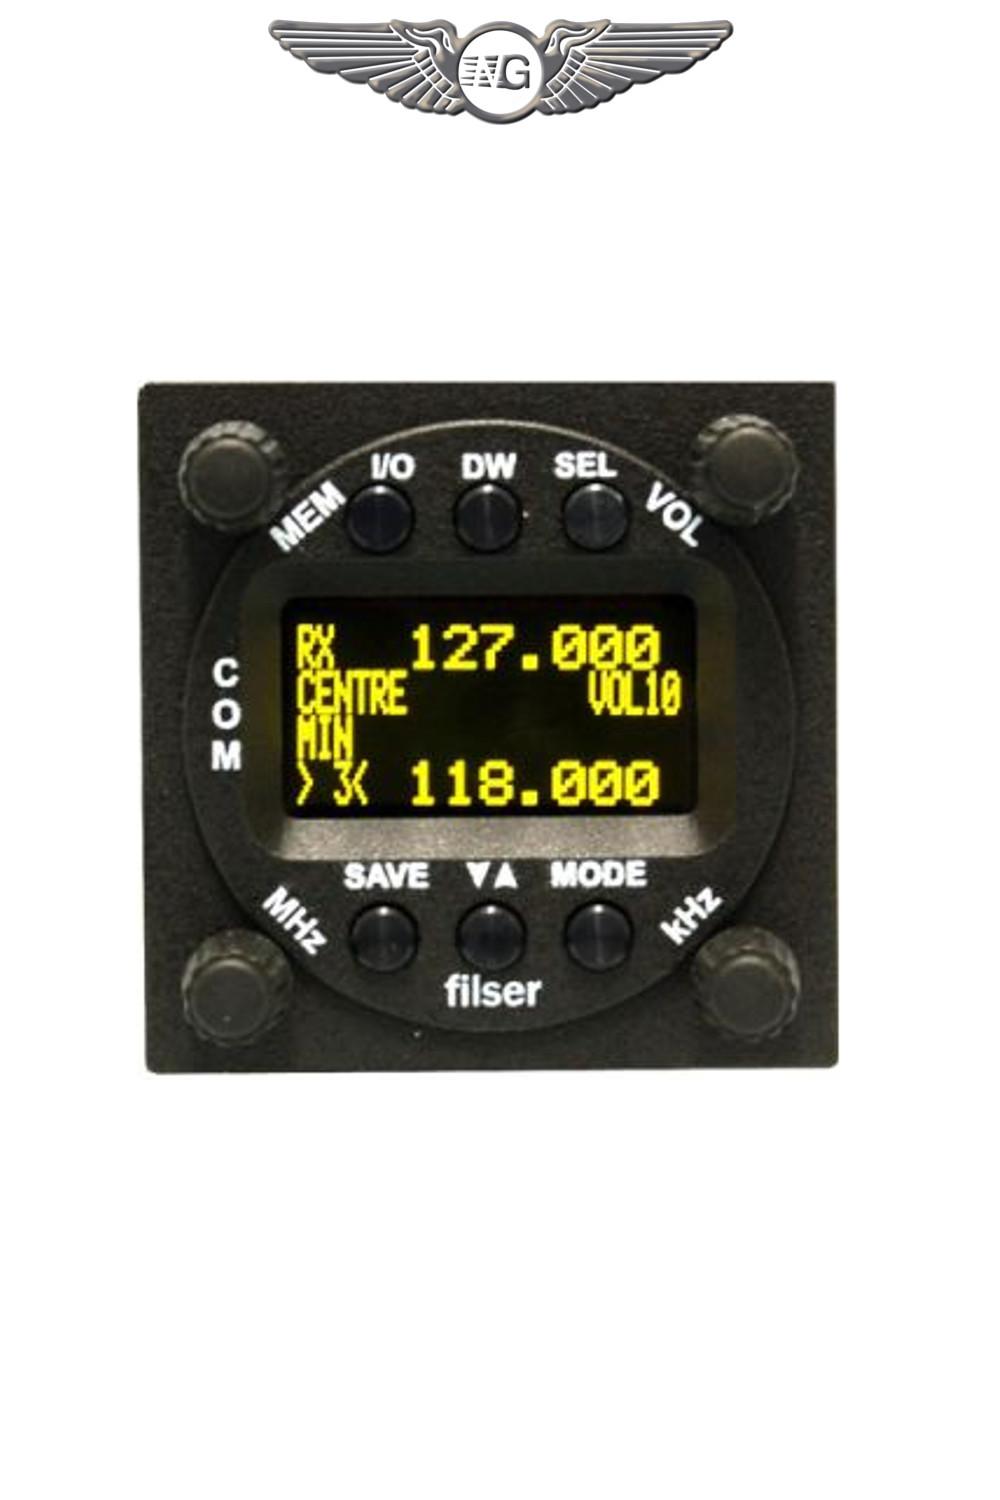 RADIO ATR833 2K TRANSCEIVER 833KHZ